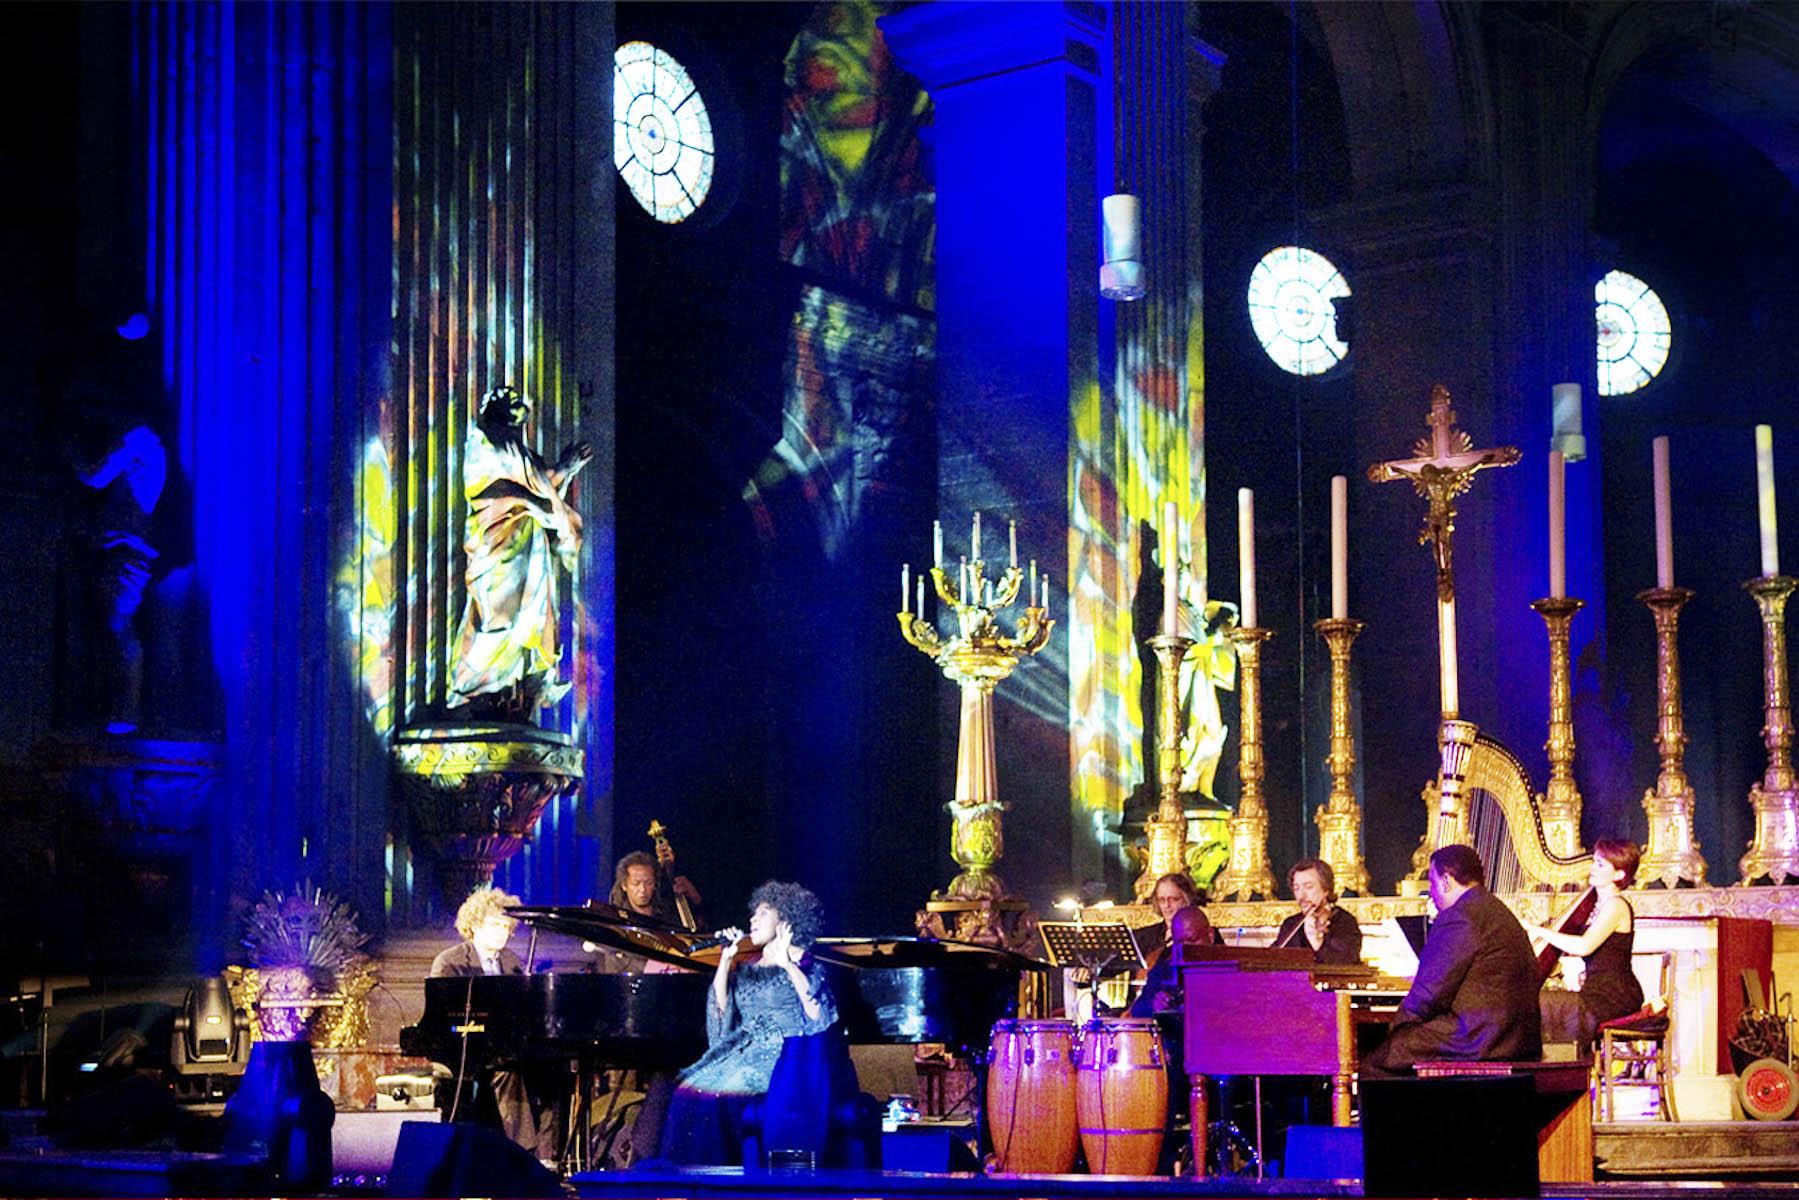 Photographe de l'événementiel Eglise Saint Sulpice pour Liz Mc Comb